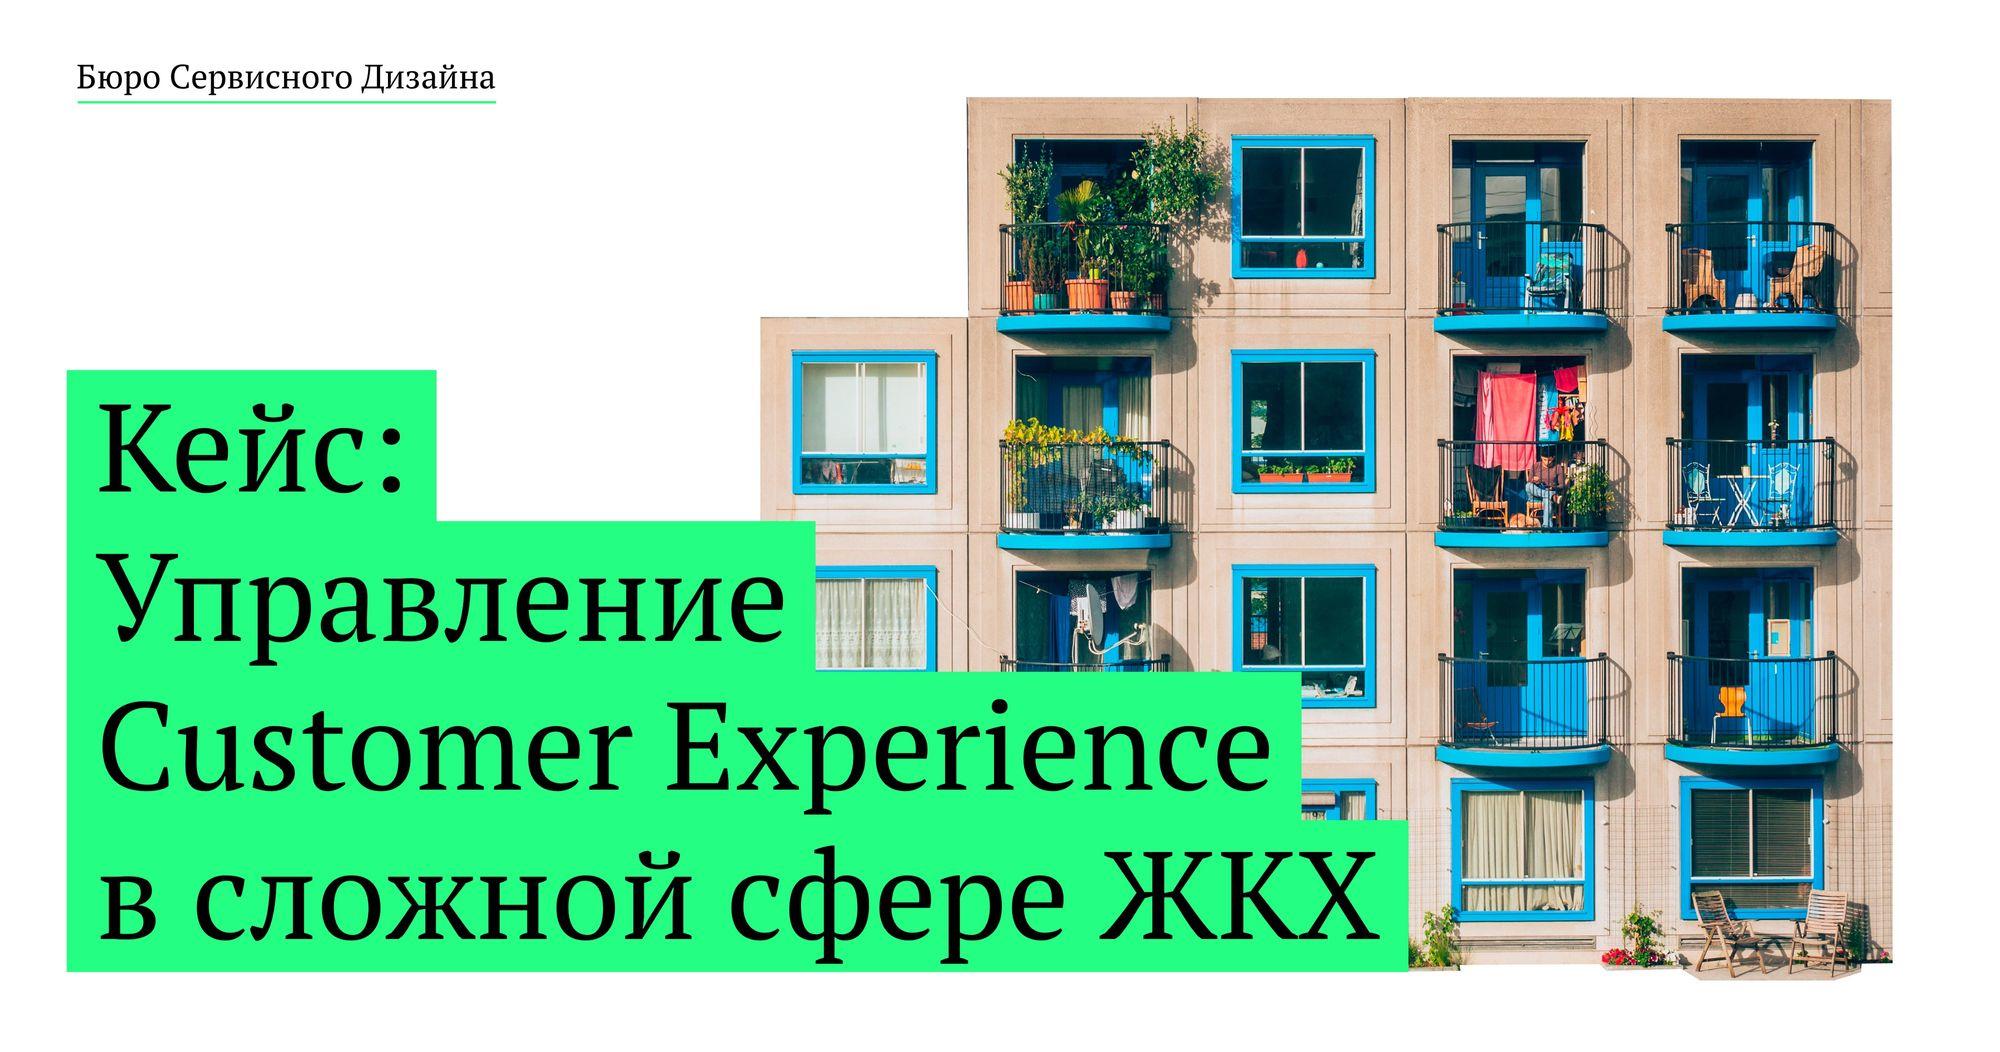 Кейс: управление Сustomer Experience в сложной сфере ЖКХ